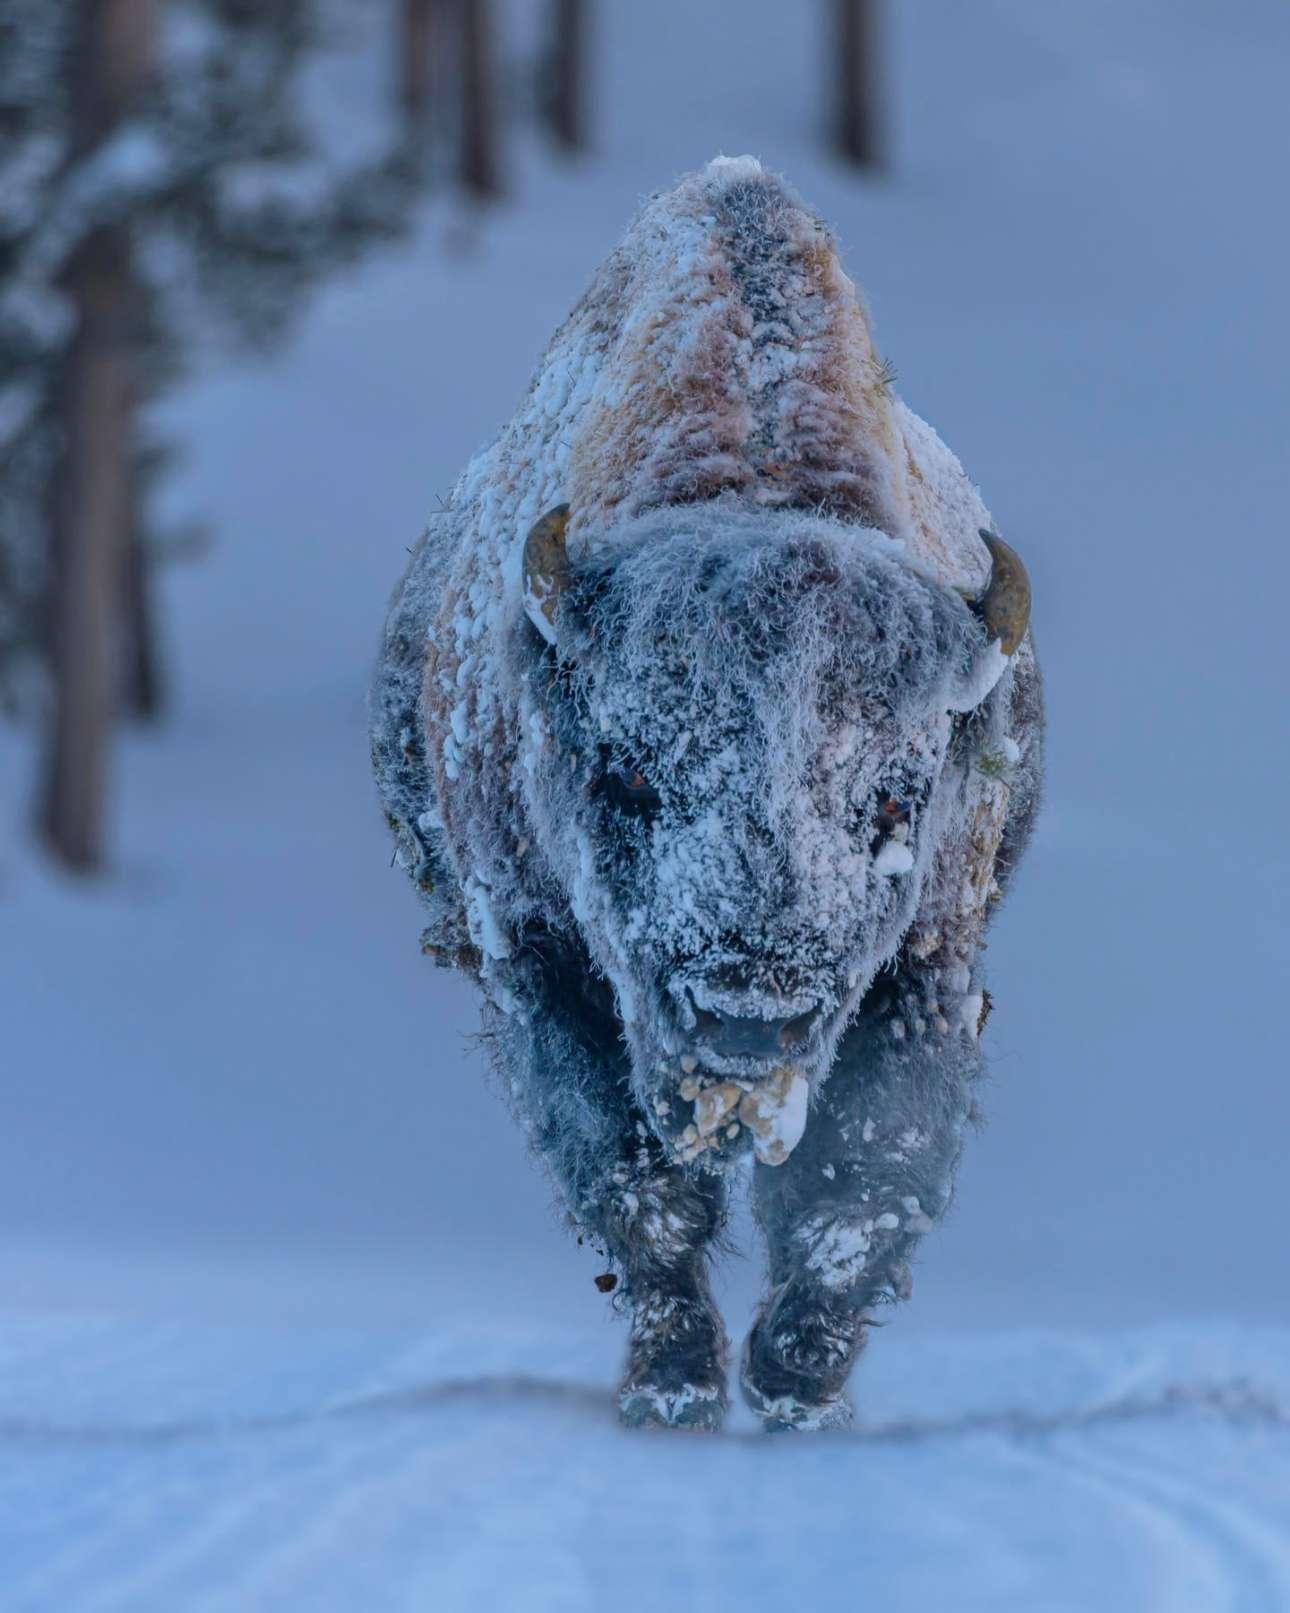 Παγωμένος βίσονας στο Εθνικό Πάρκο Yellowstone των ΗΠΑ, όπου τον χειμώνα οι θερμοκρασίες κυμαίνονται μεταξύ -20°C και -50°C